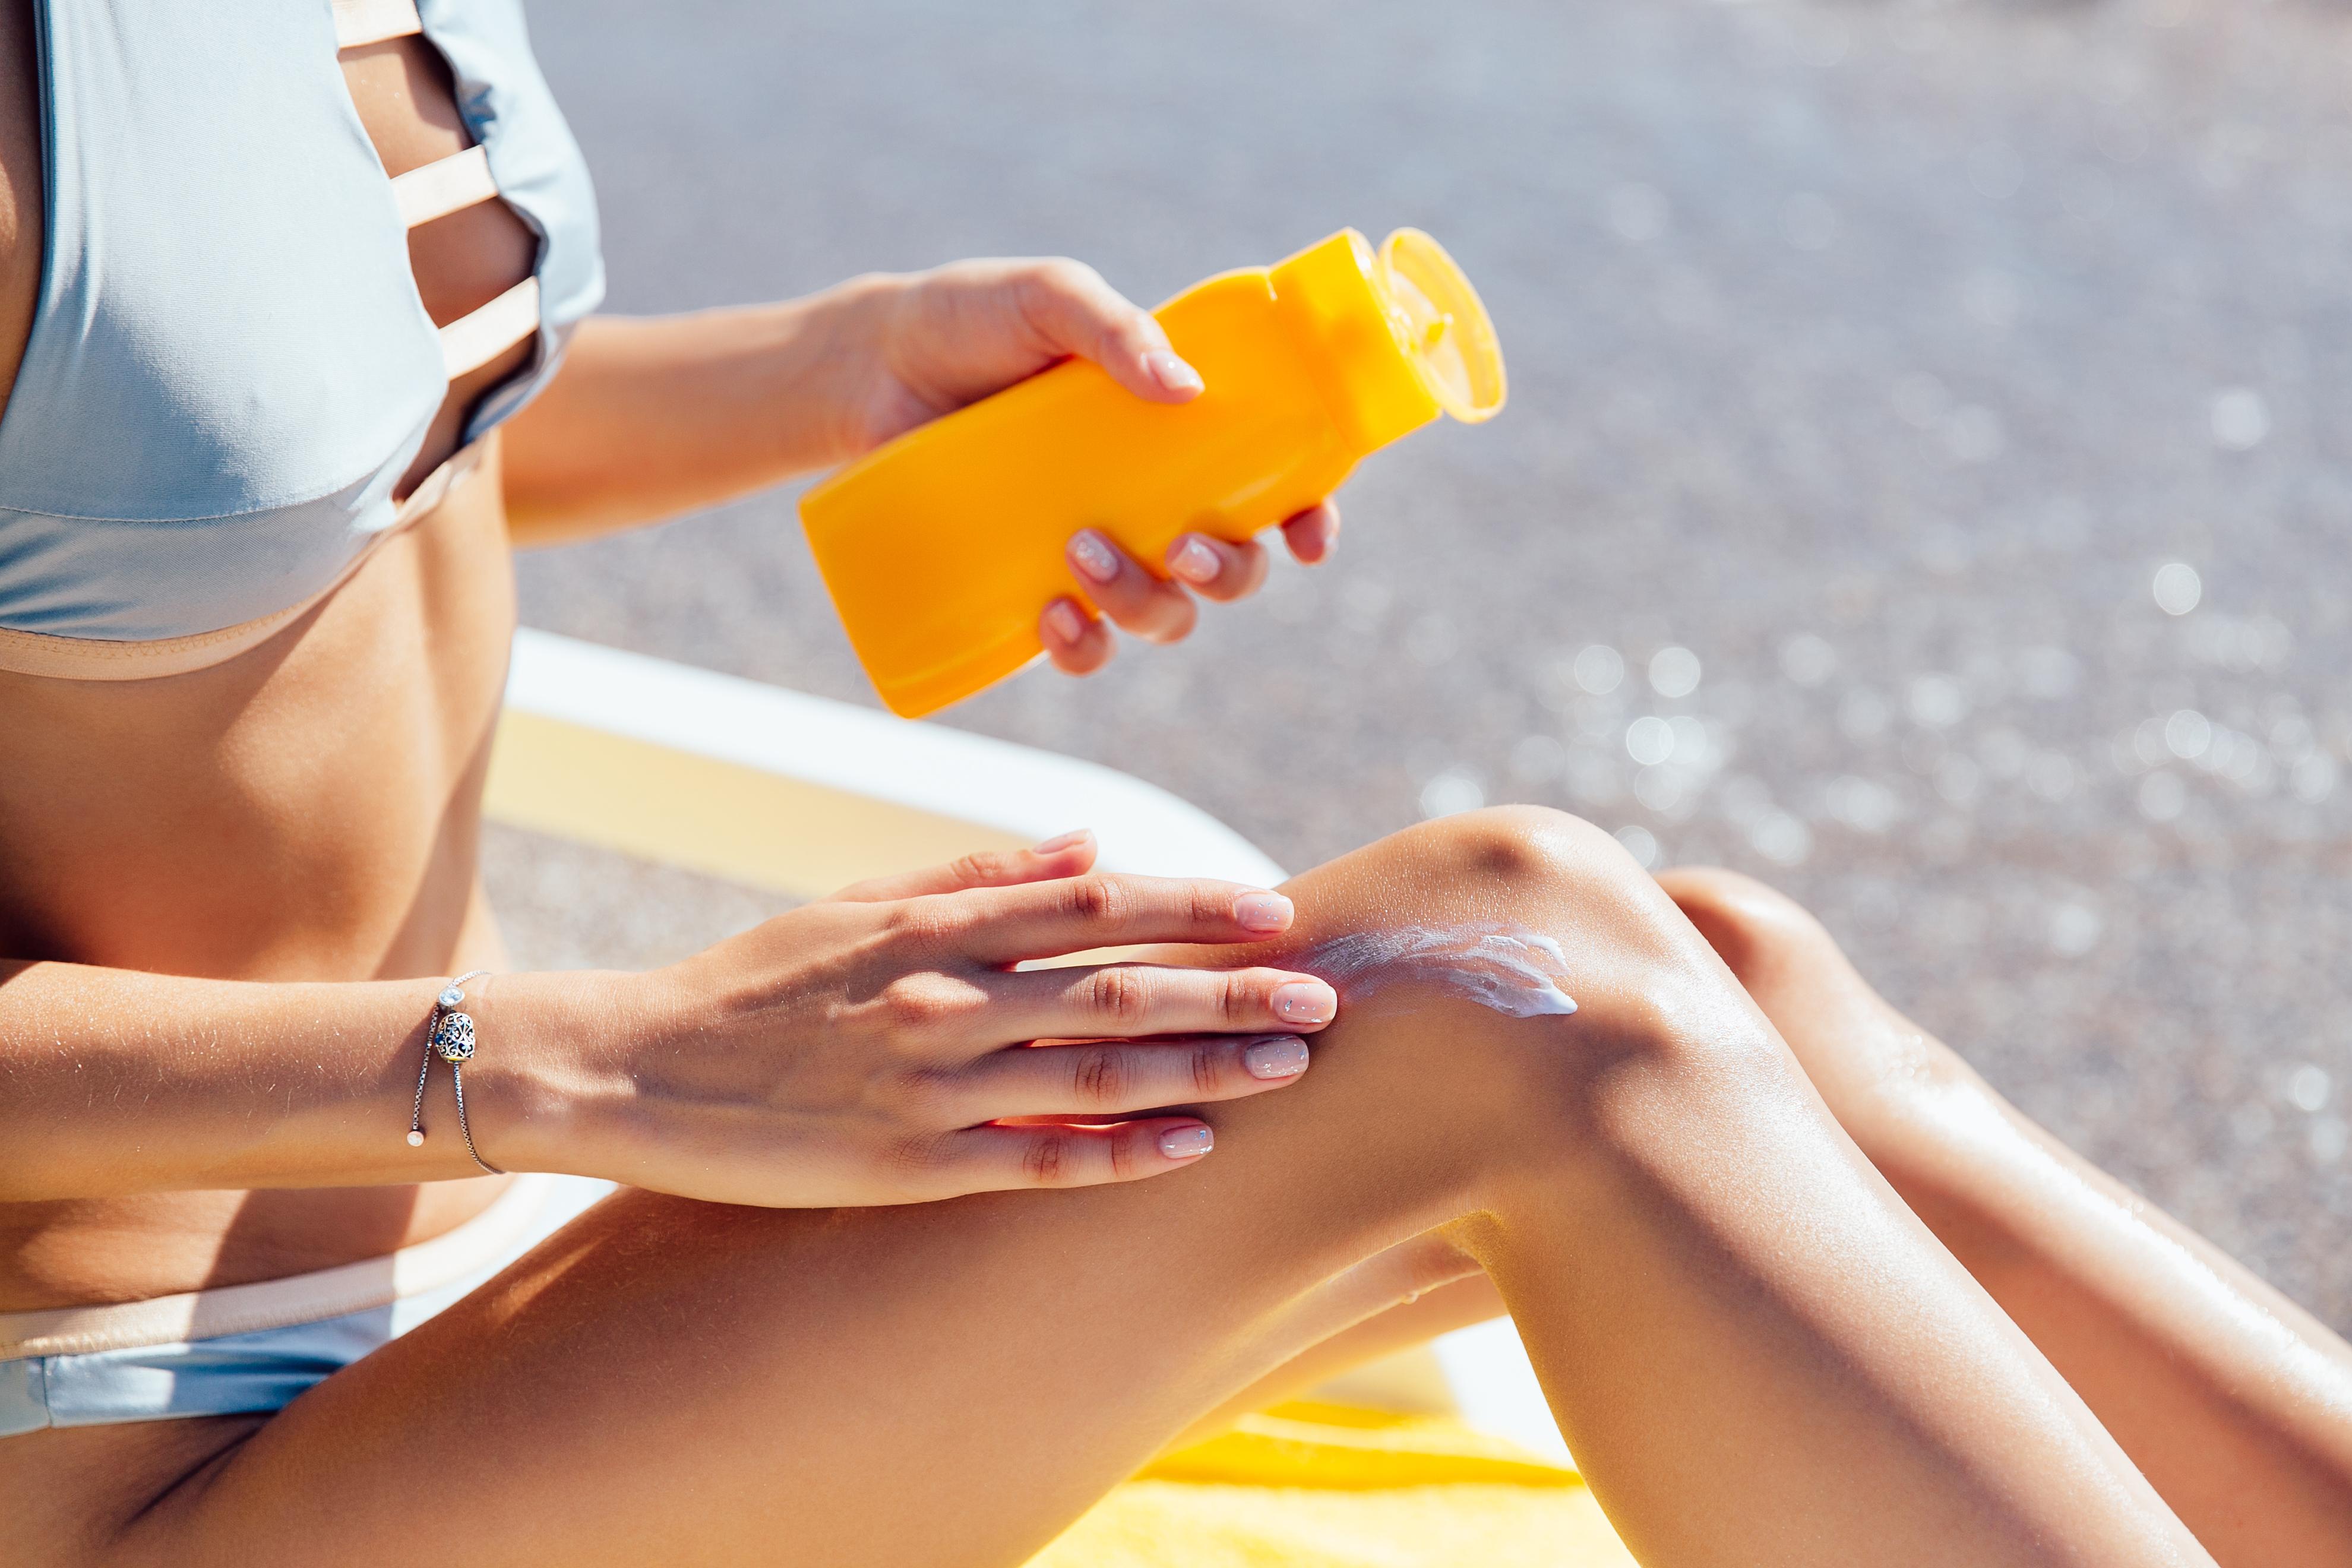 Proteccion ante los riesgos del verano